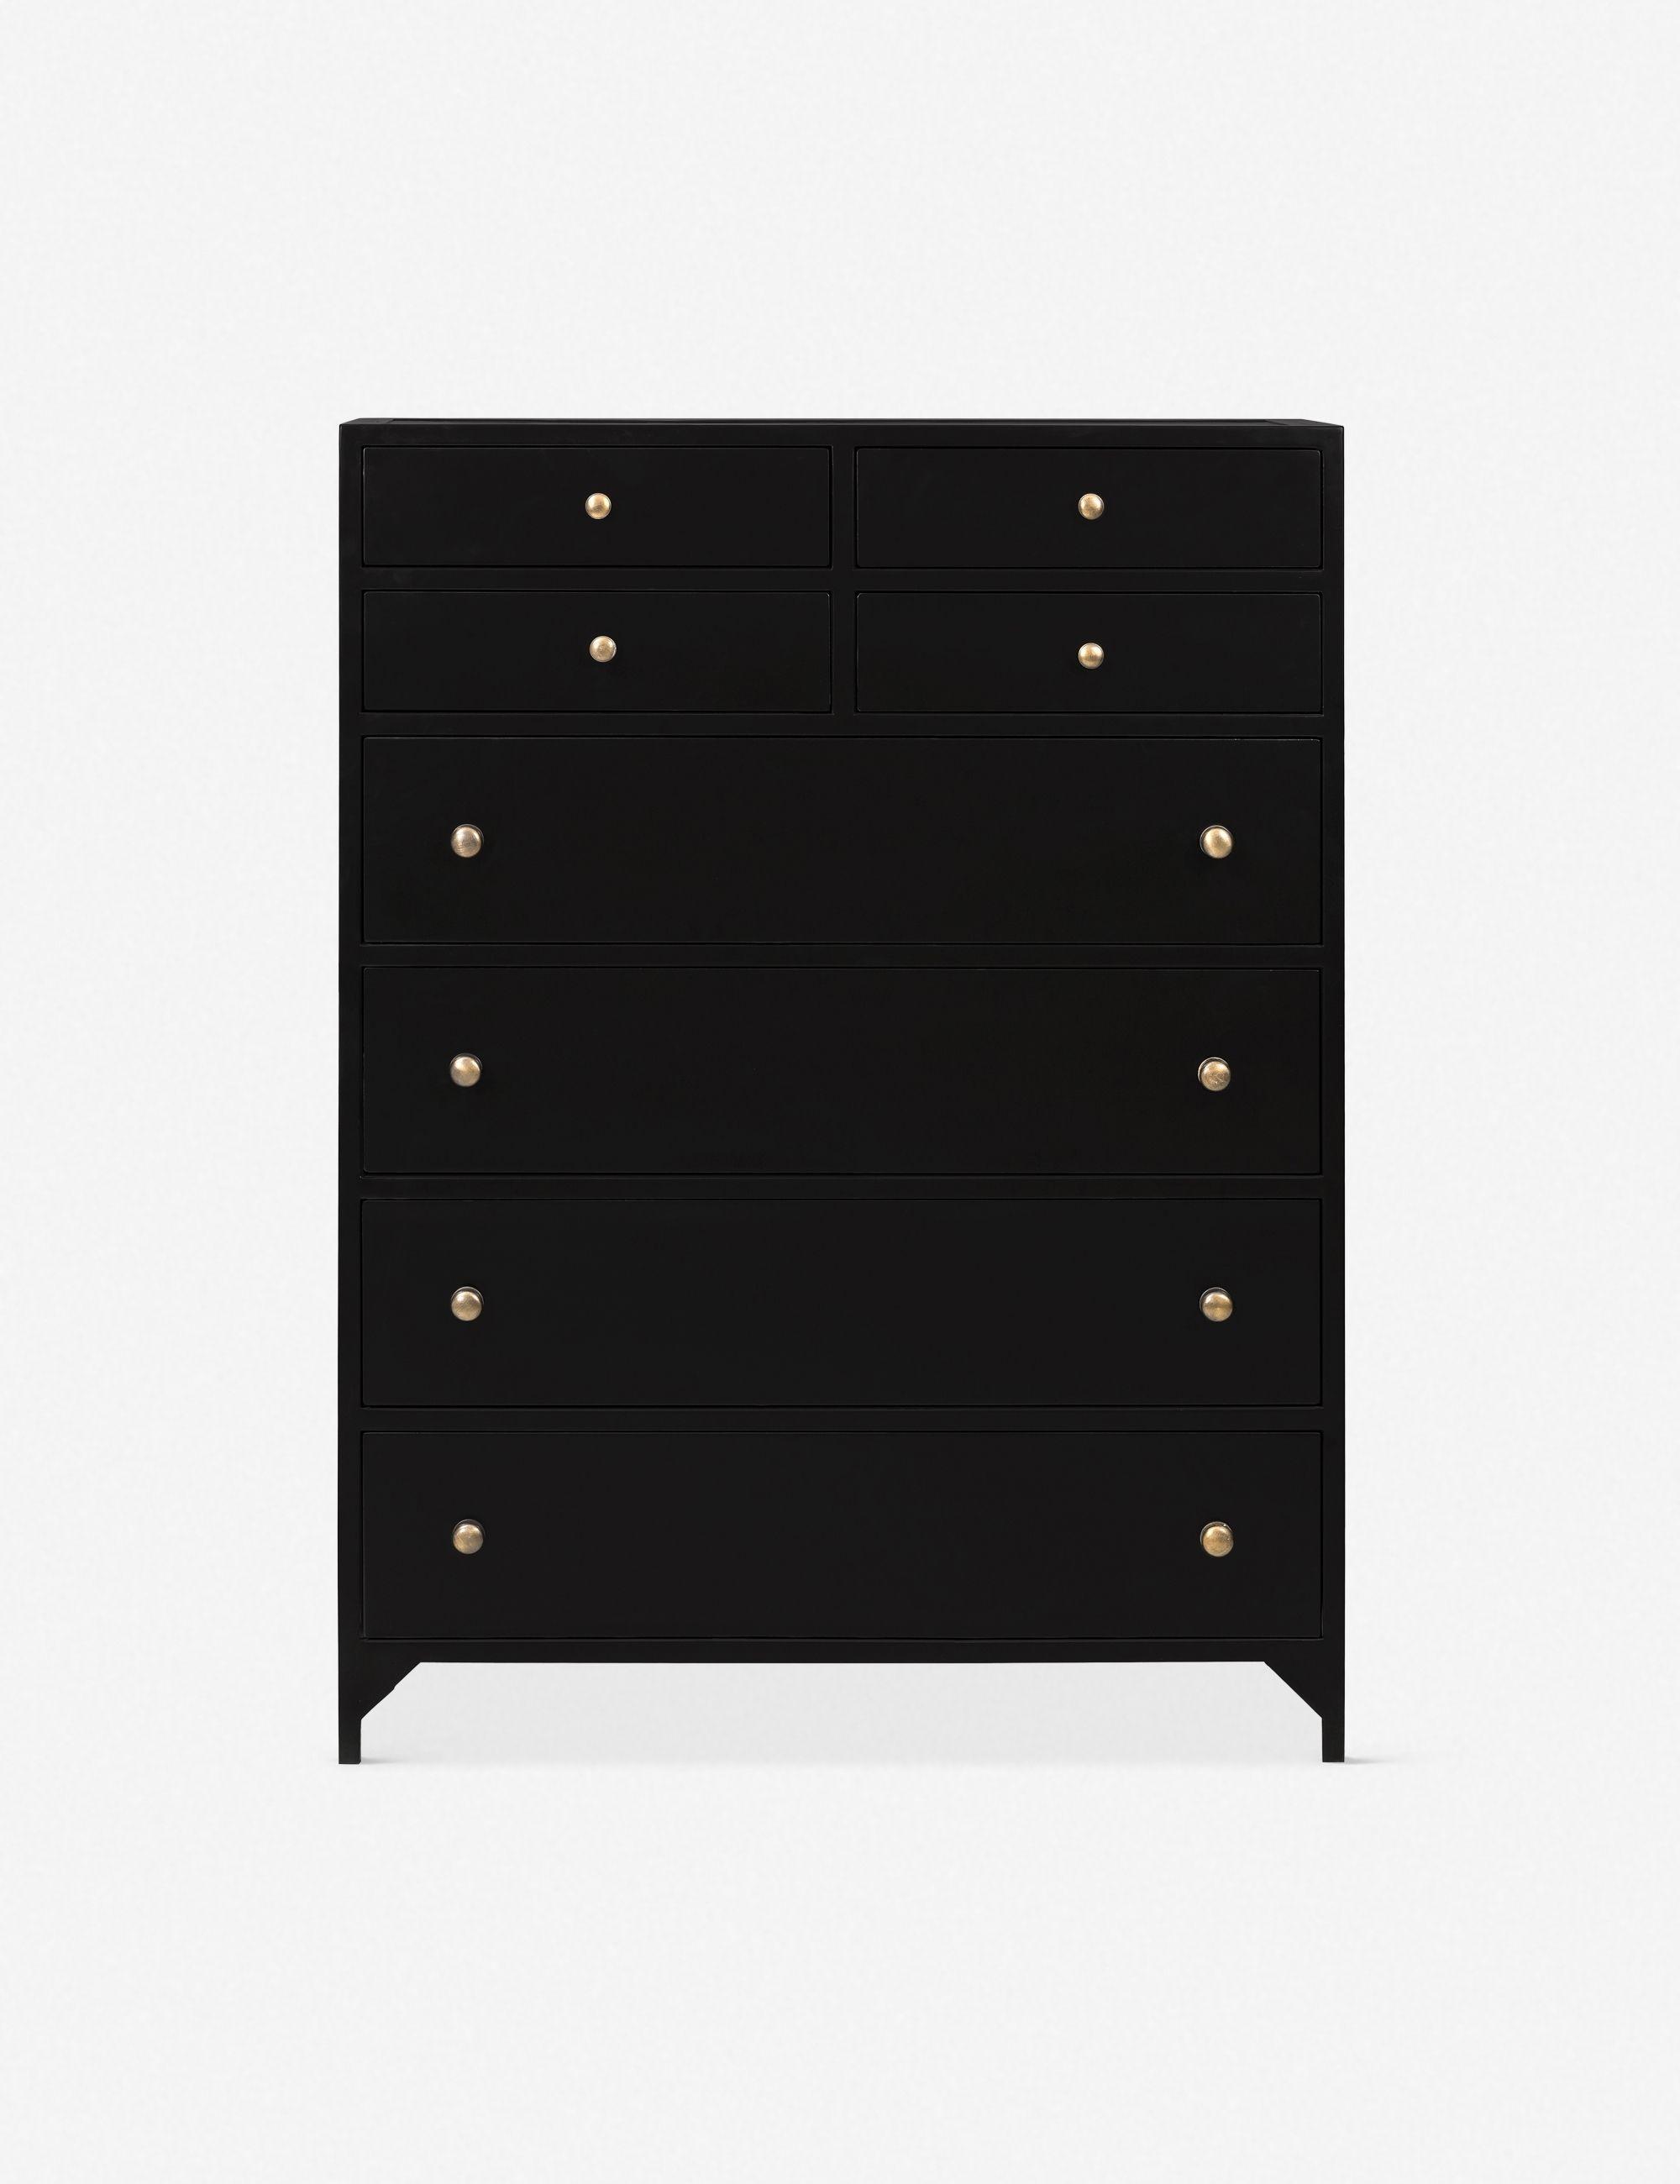 Verruca Tall Dresser Tall Dresser Dresser Cheap Home Decor [ 2600 x 2000 Pixel ]